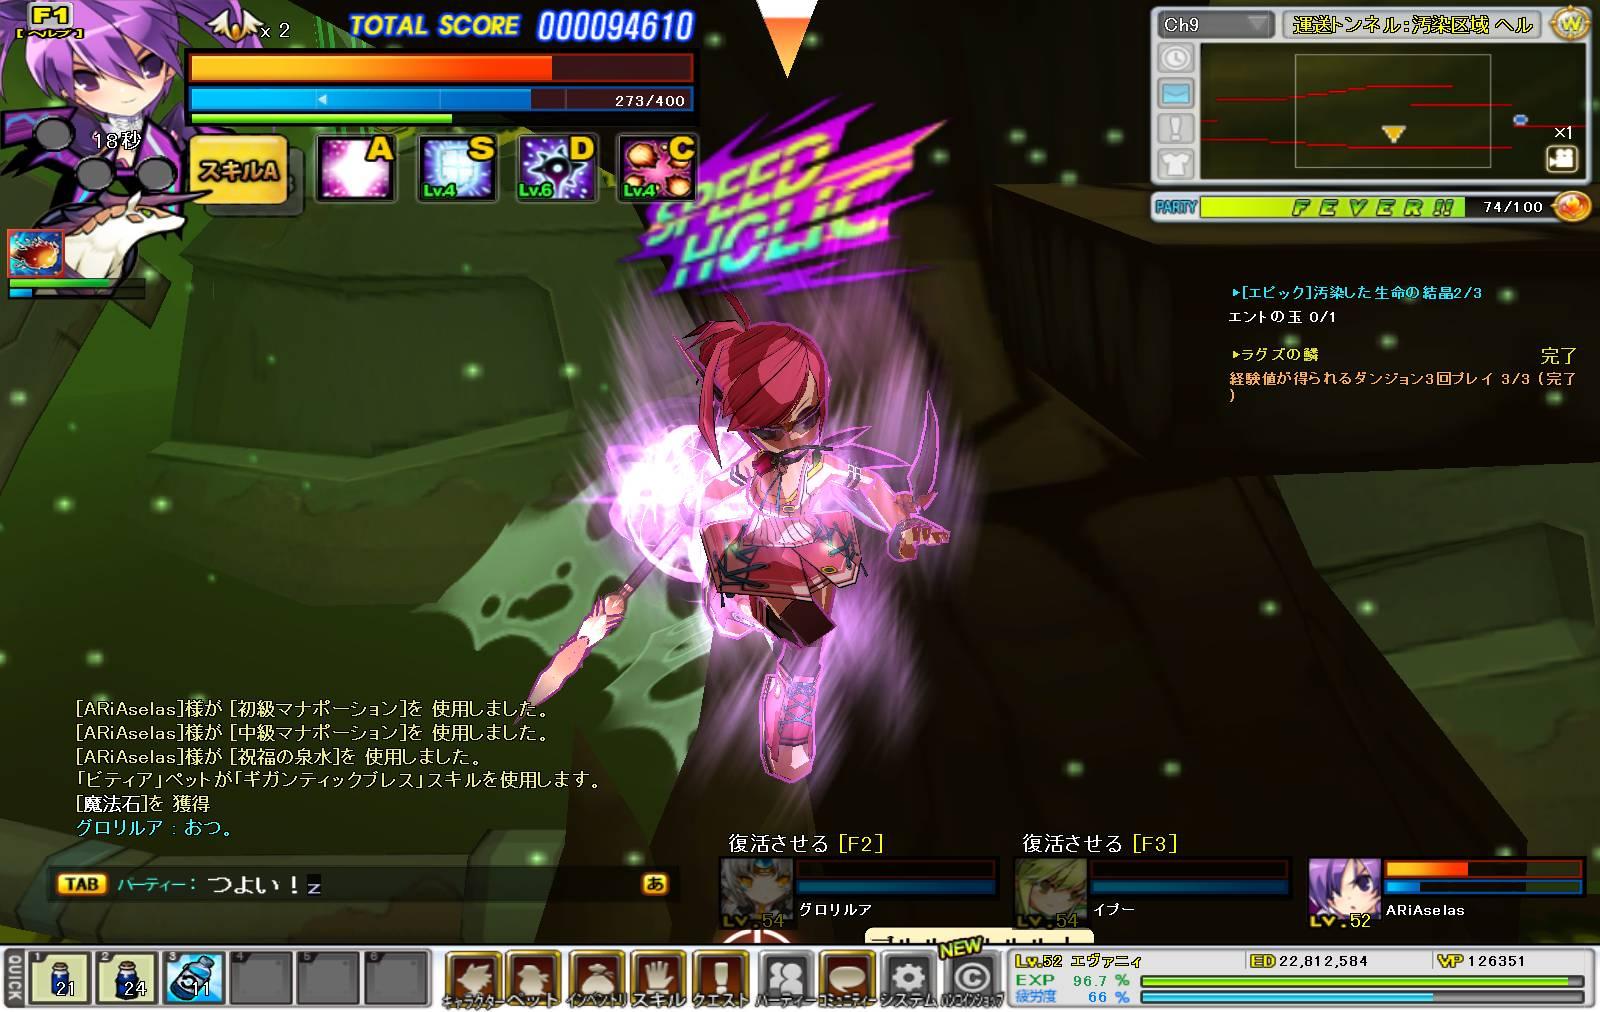 SC_2011_8_7_2_45_55_.jpg